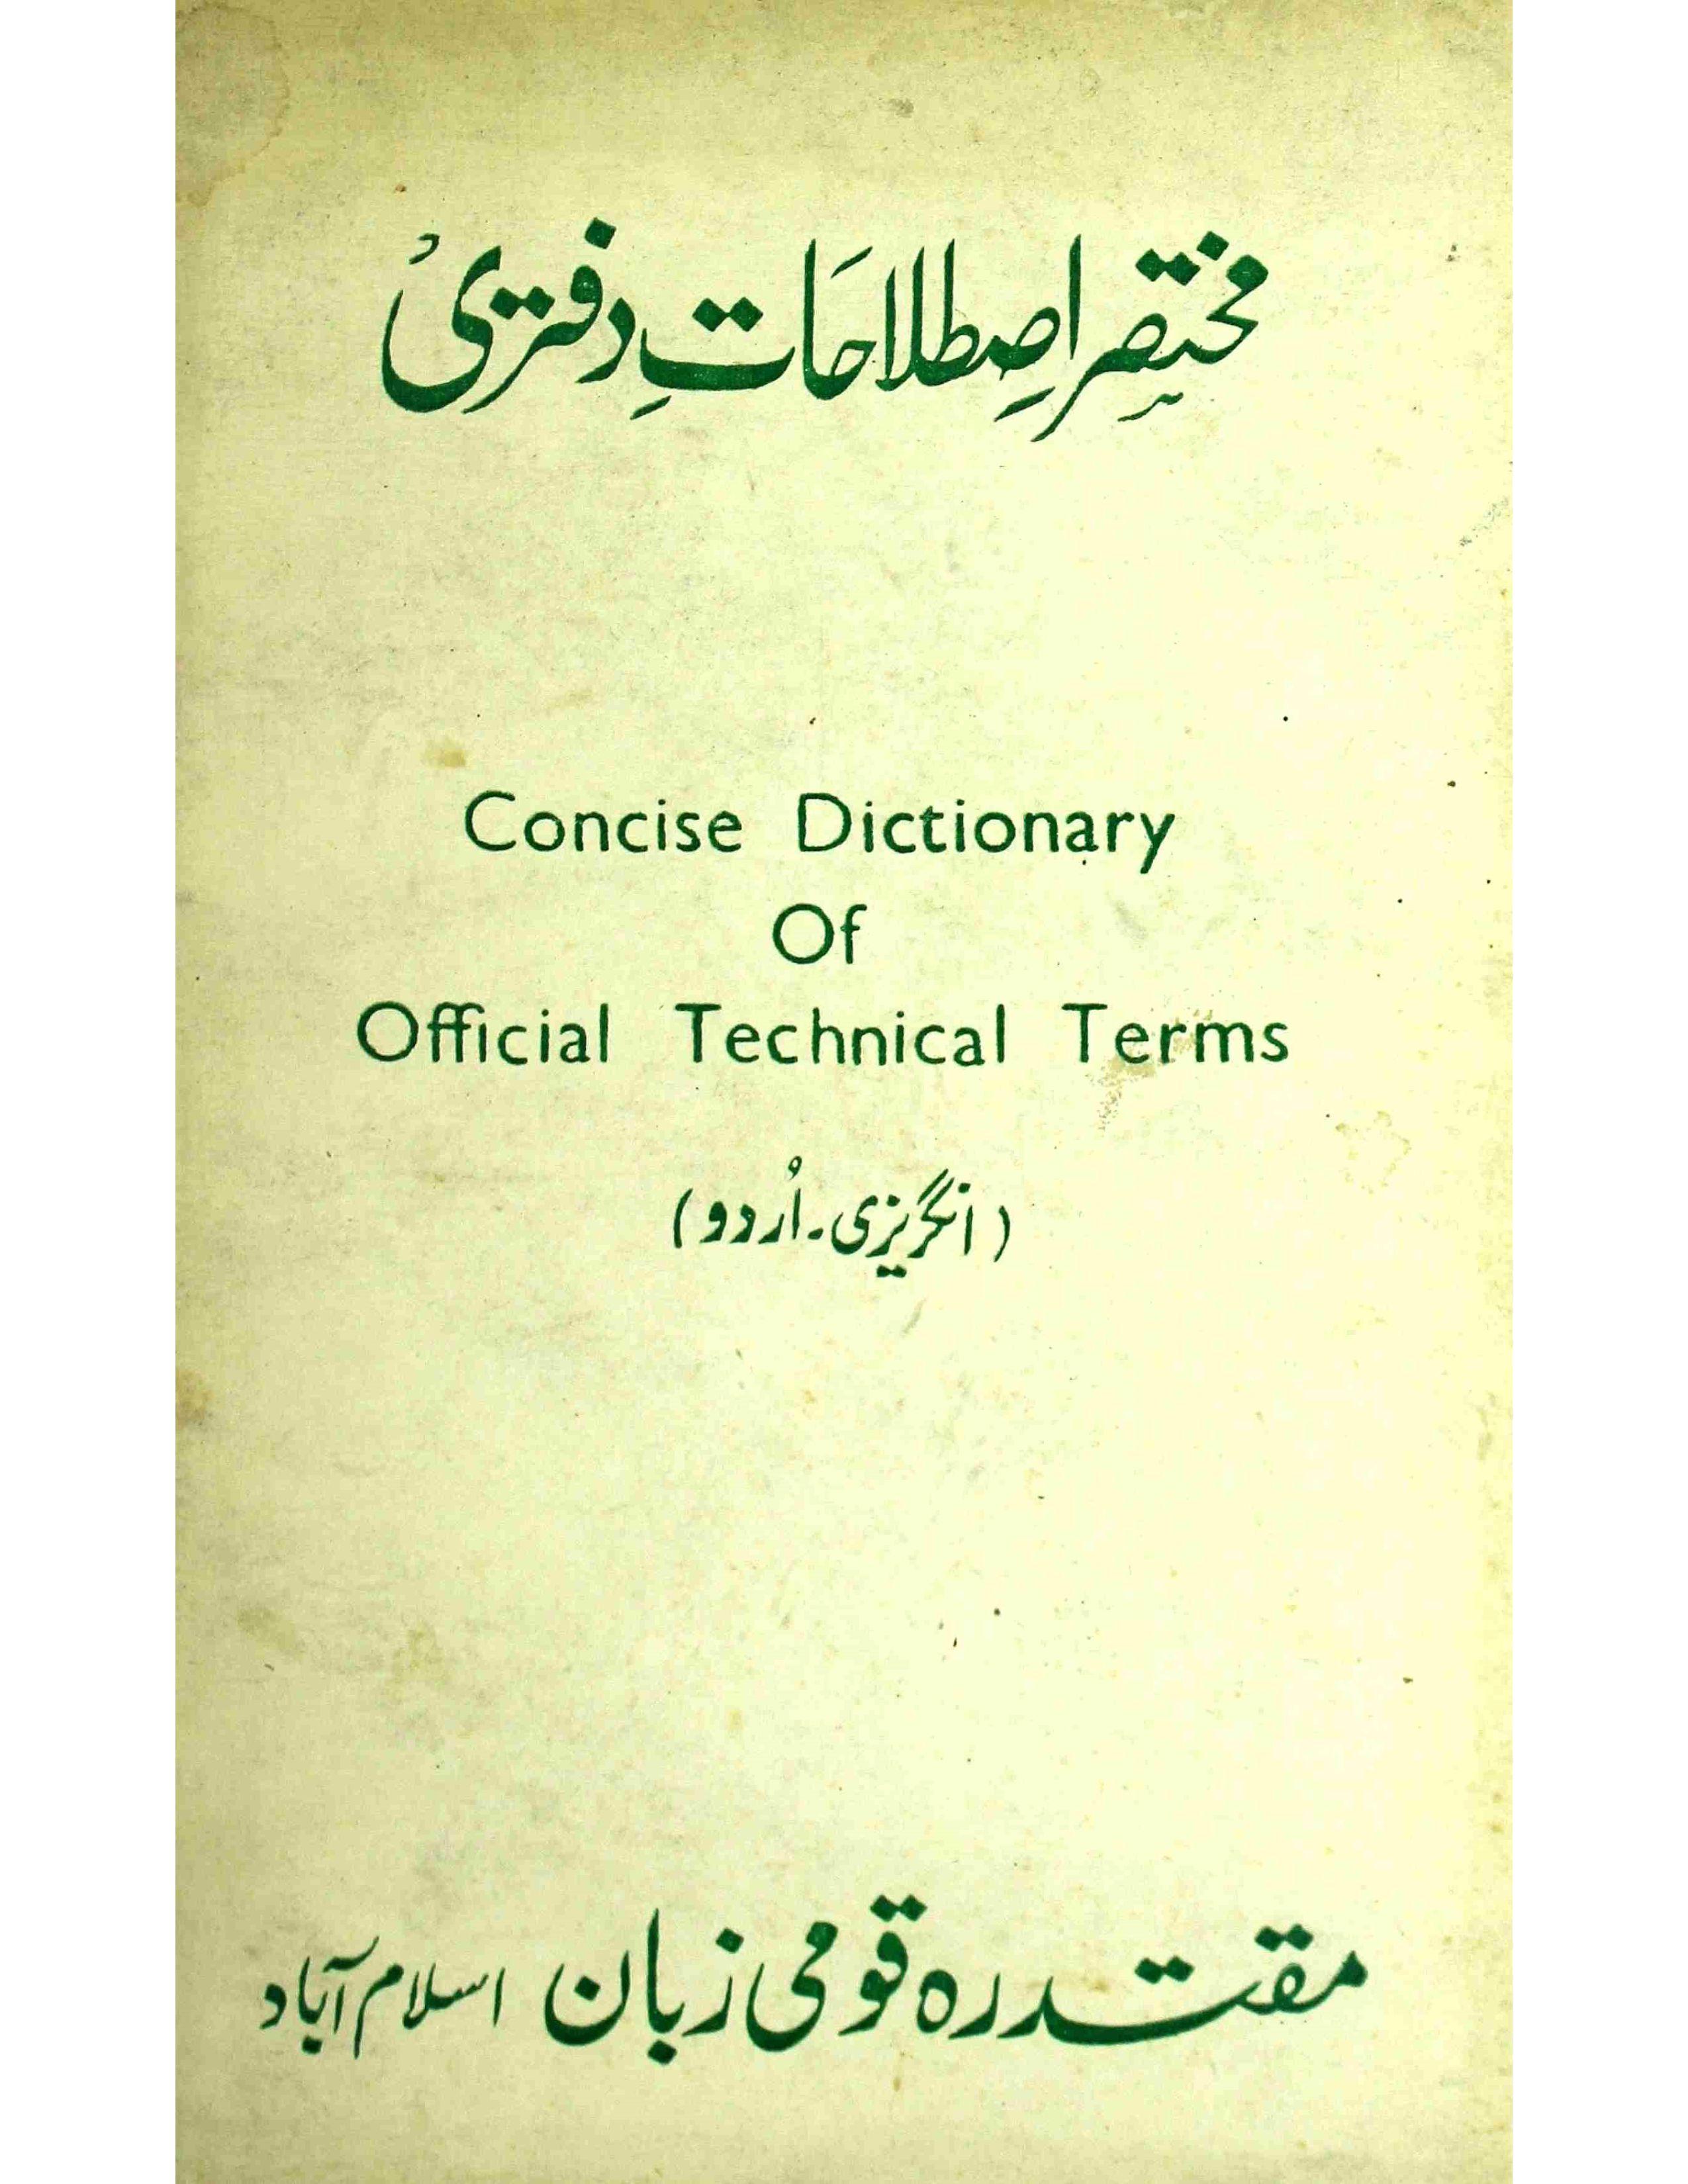 Mukhtasar Istilahat-e-Daftari